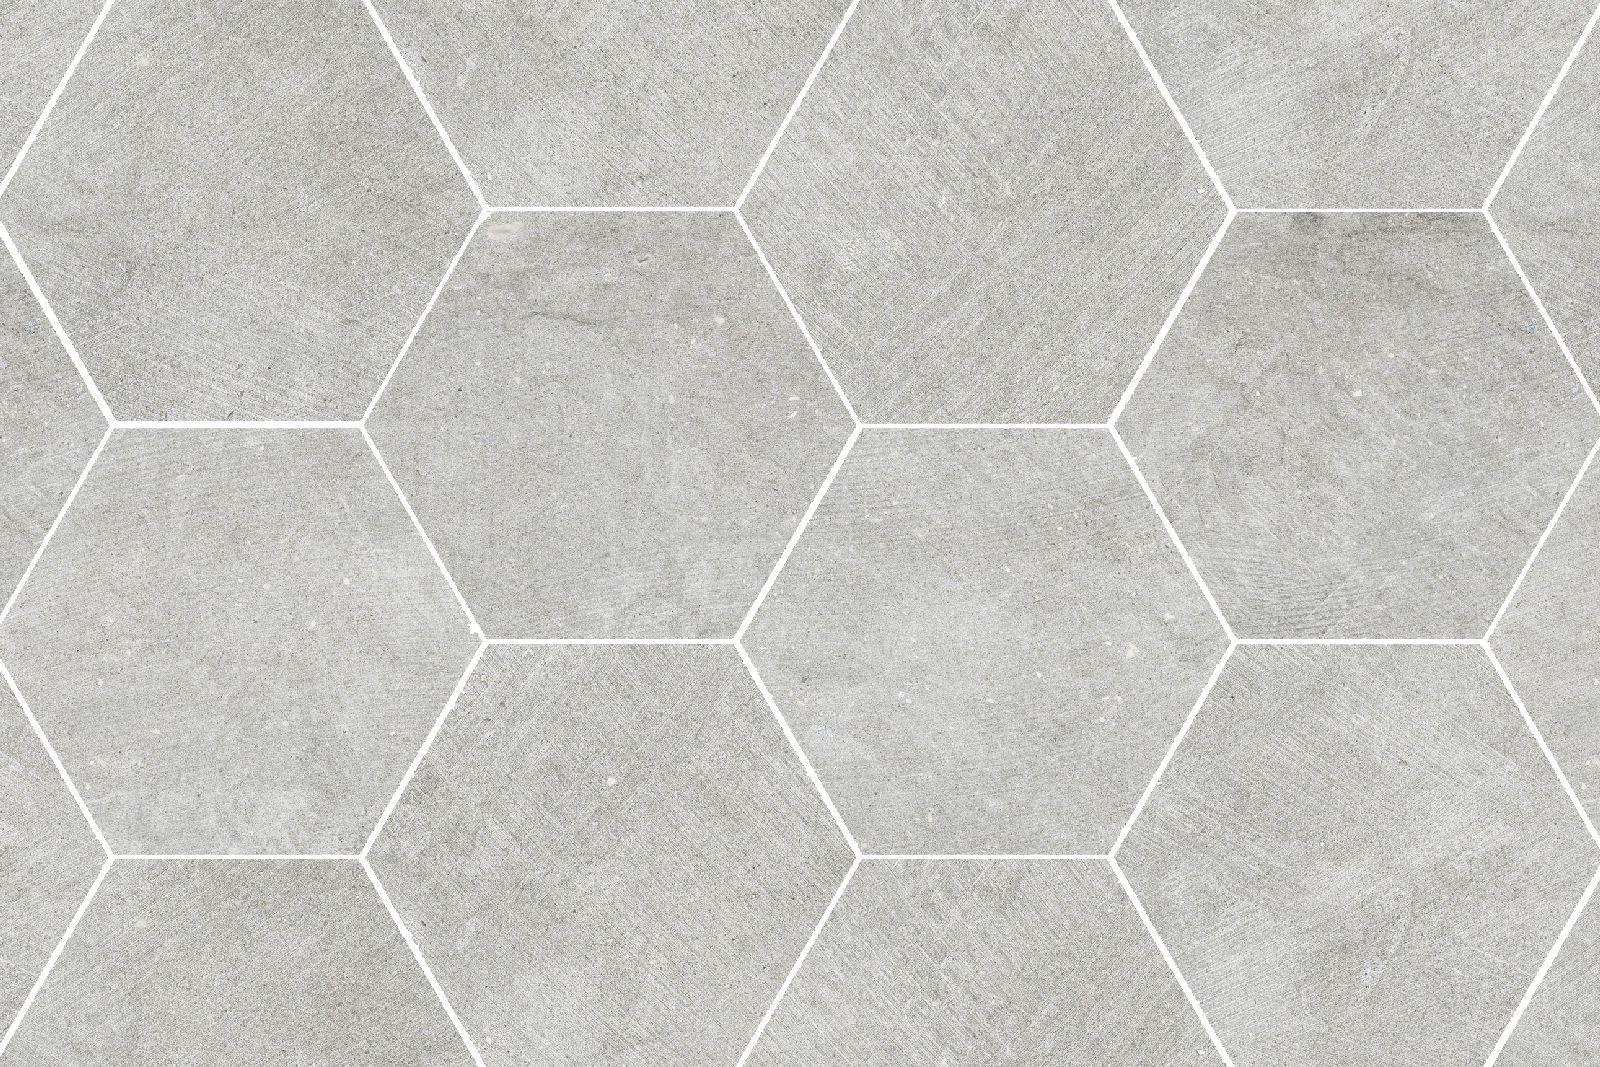 Milano 96 x 11 vivo hexagon porcelain tile bath basements milano 96 x 11 vivo hexagon porcelain tile dailygadgetfo Gallery